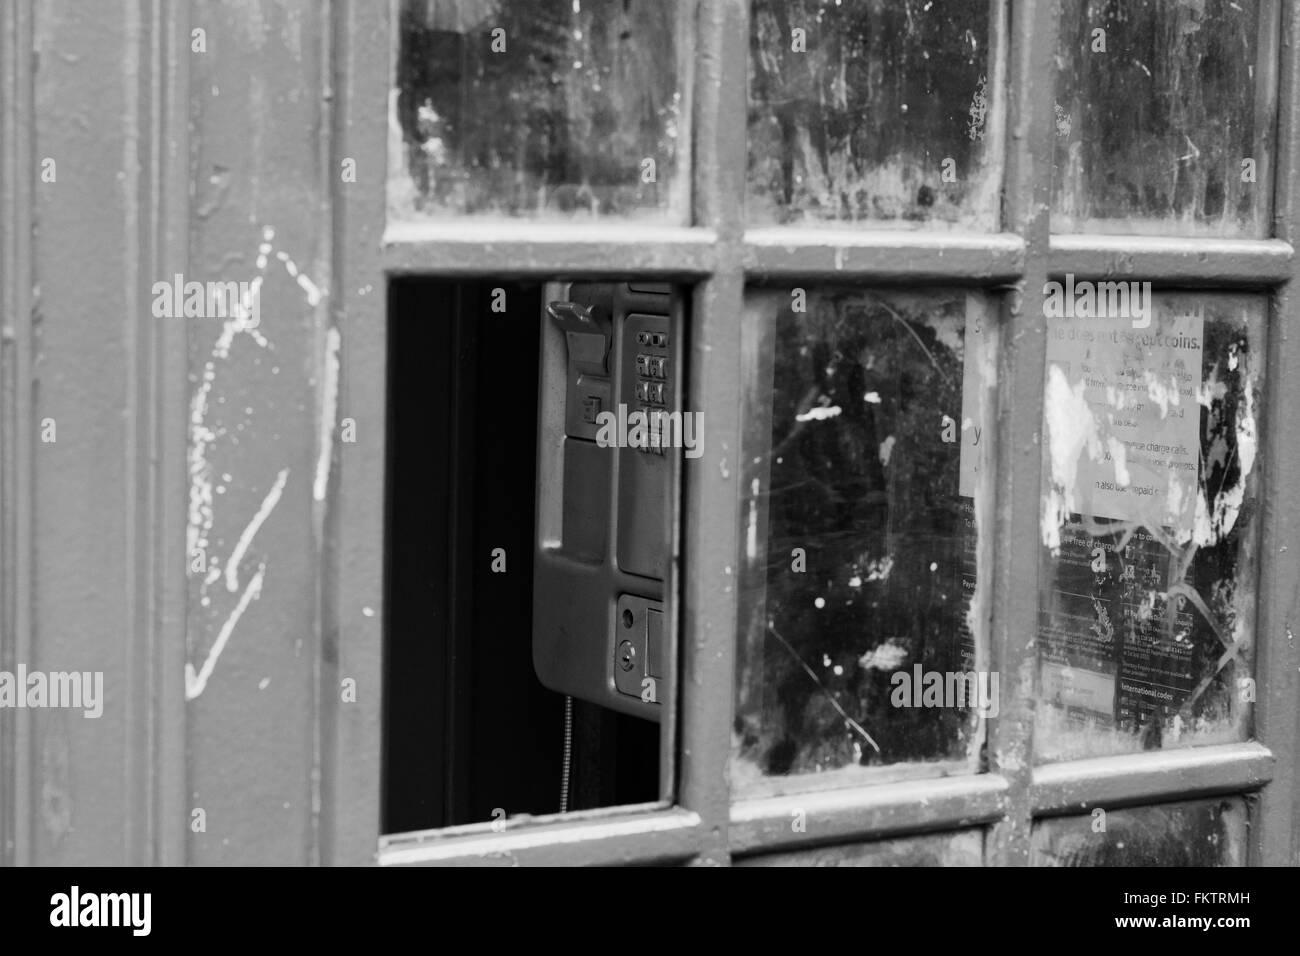 Vandalised telephone box, London, UK - Stock Image